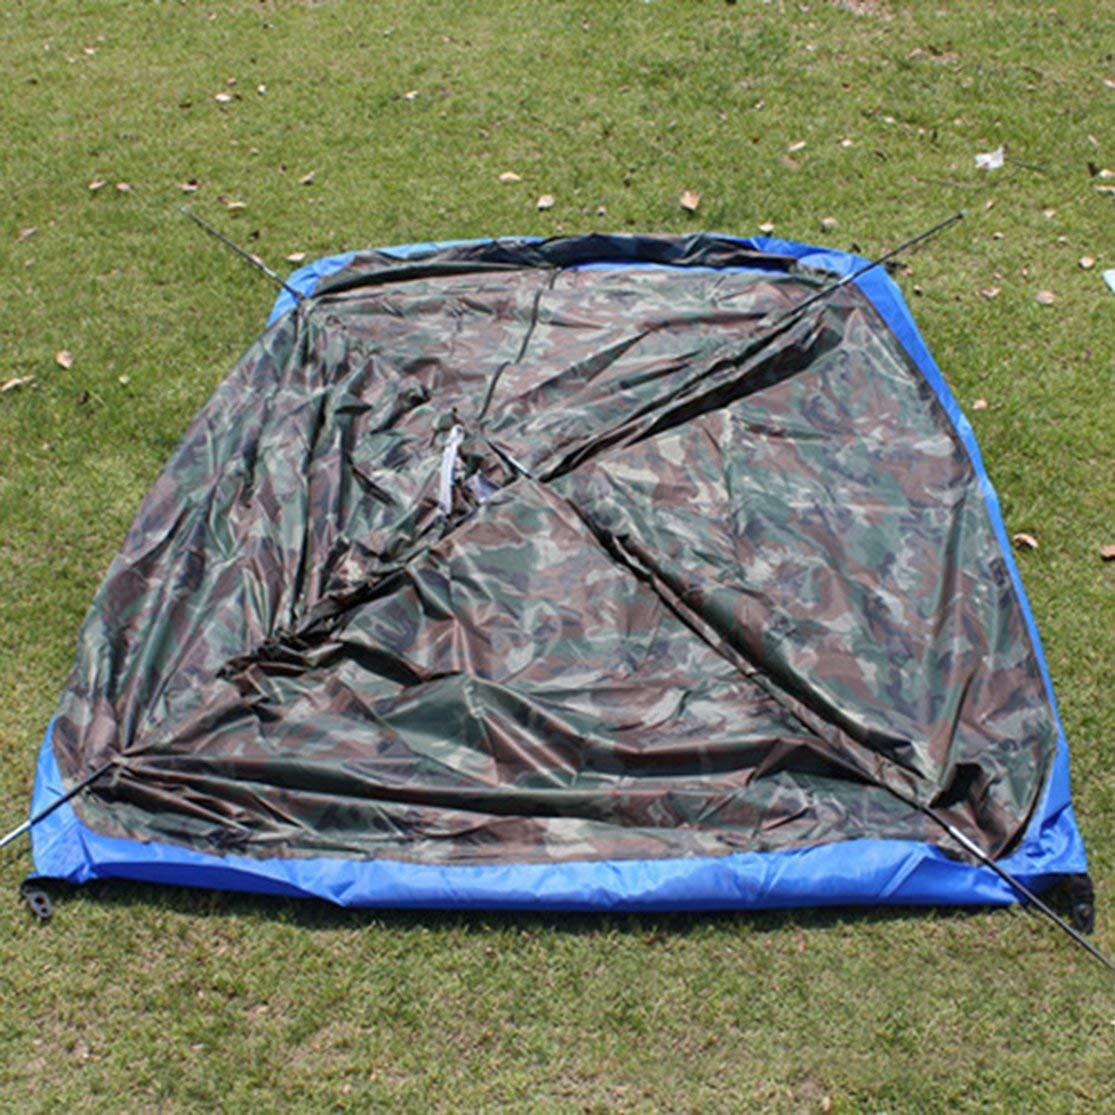 LouiseEvel215 Una Sola Capa 2 Personas Camuflaje Impermeable Camping Senderismo Carpa Ligero Playa al Aire Libre Viaje de Pesca Tienda de campa/ña